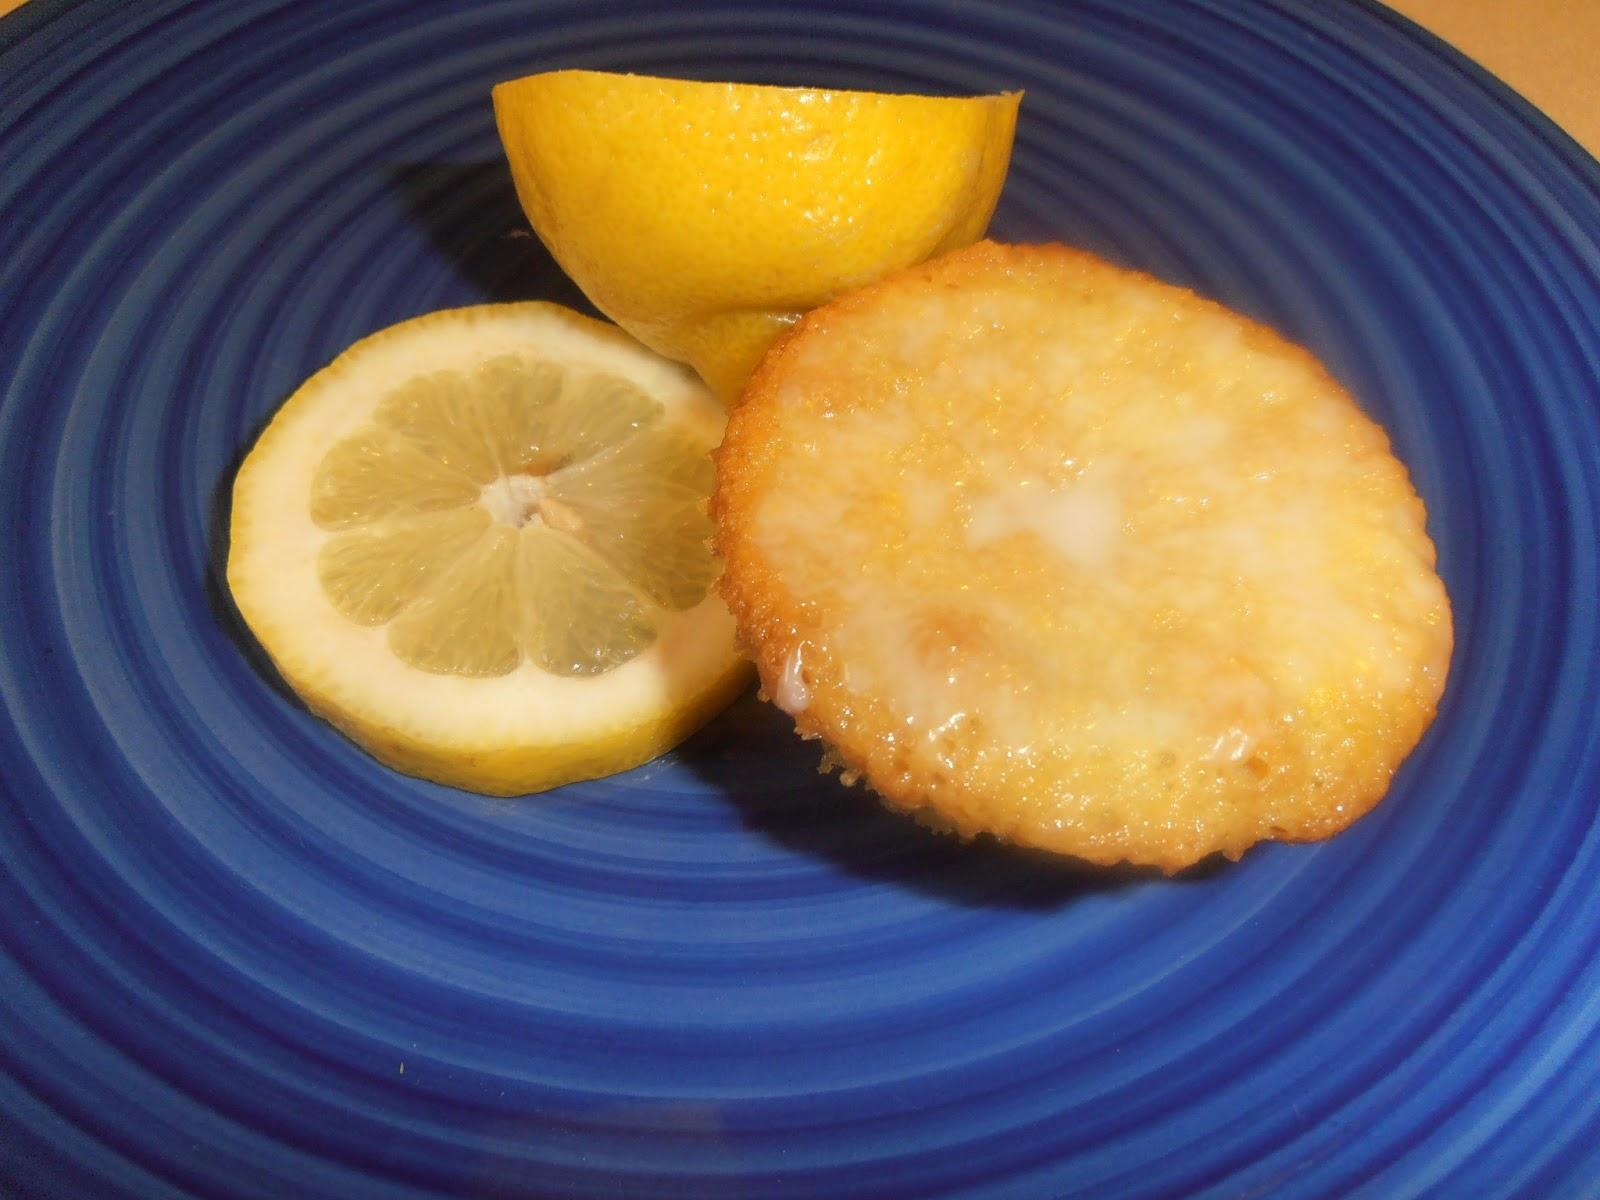 Can't Believe It's Gluten-Free: Lemon Glazed Lemon Muffins